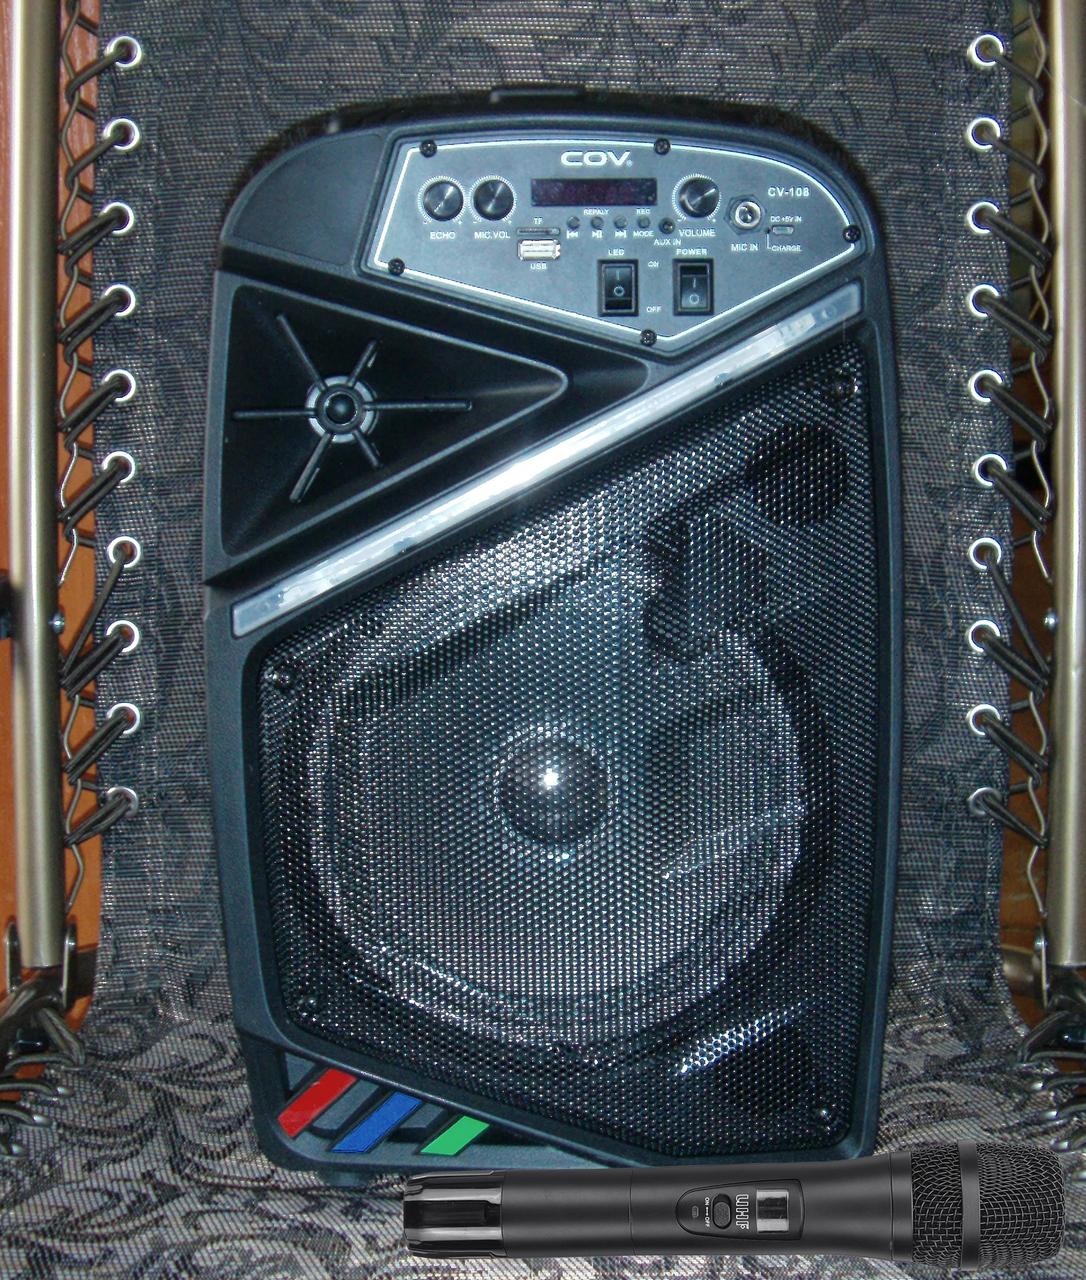 Колонка караоке беспроводная с беспроводным микрофоном Cov-108. В описании есть видео обзор колонки! - фото 5